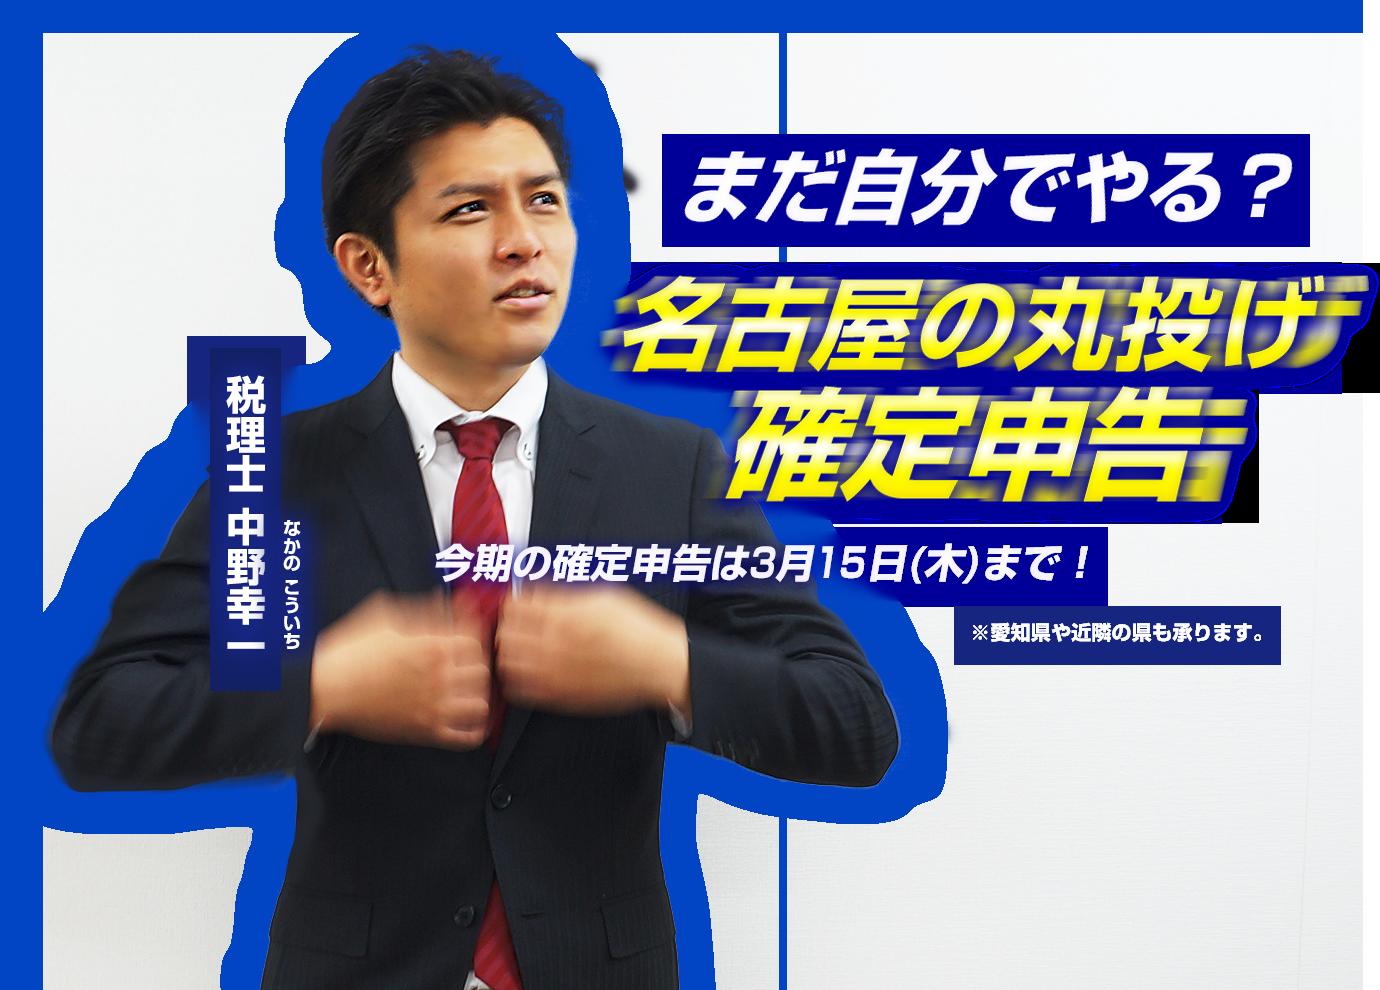 名古屋の丸投げ確定申告│今期の確定申告は2月16日(金)開始!